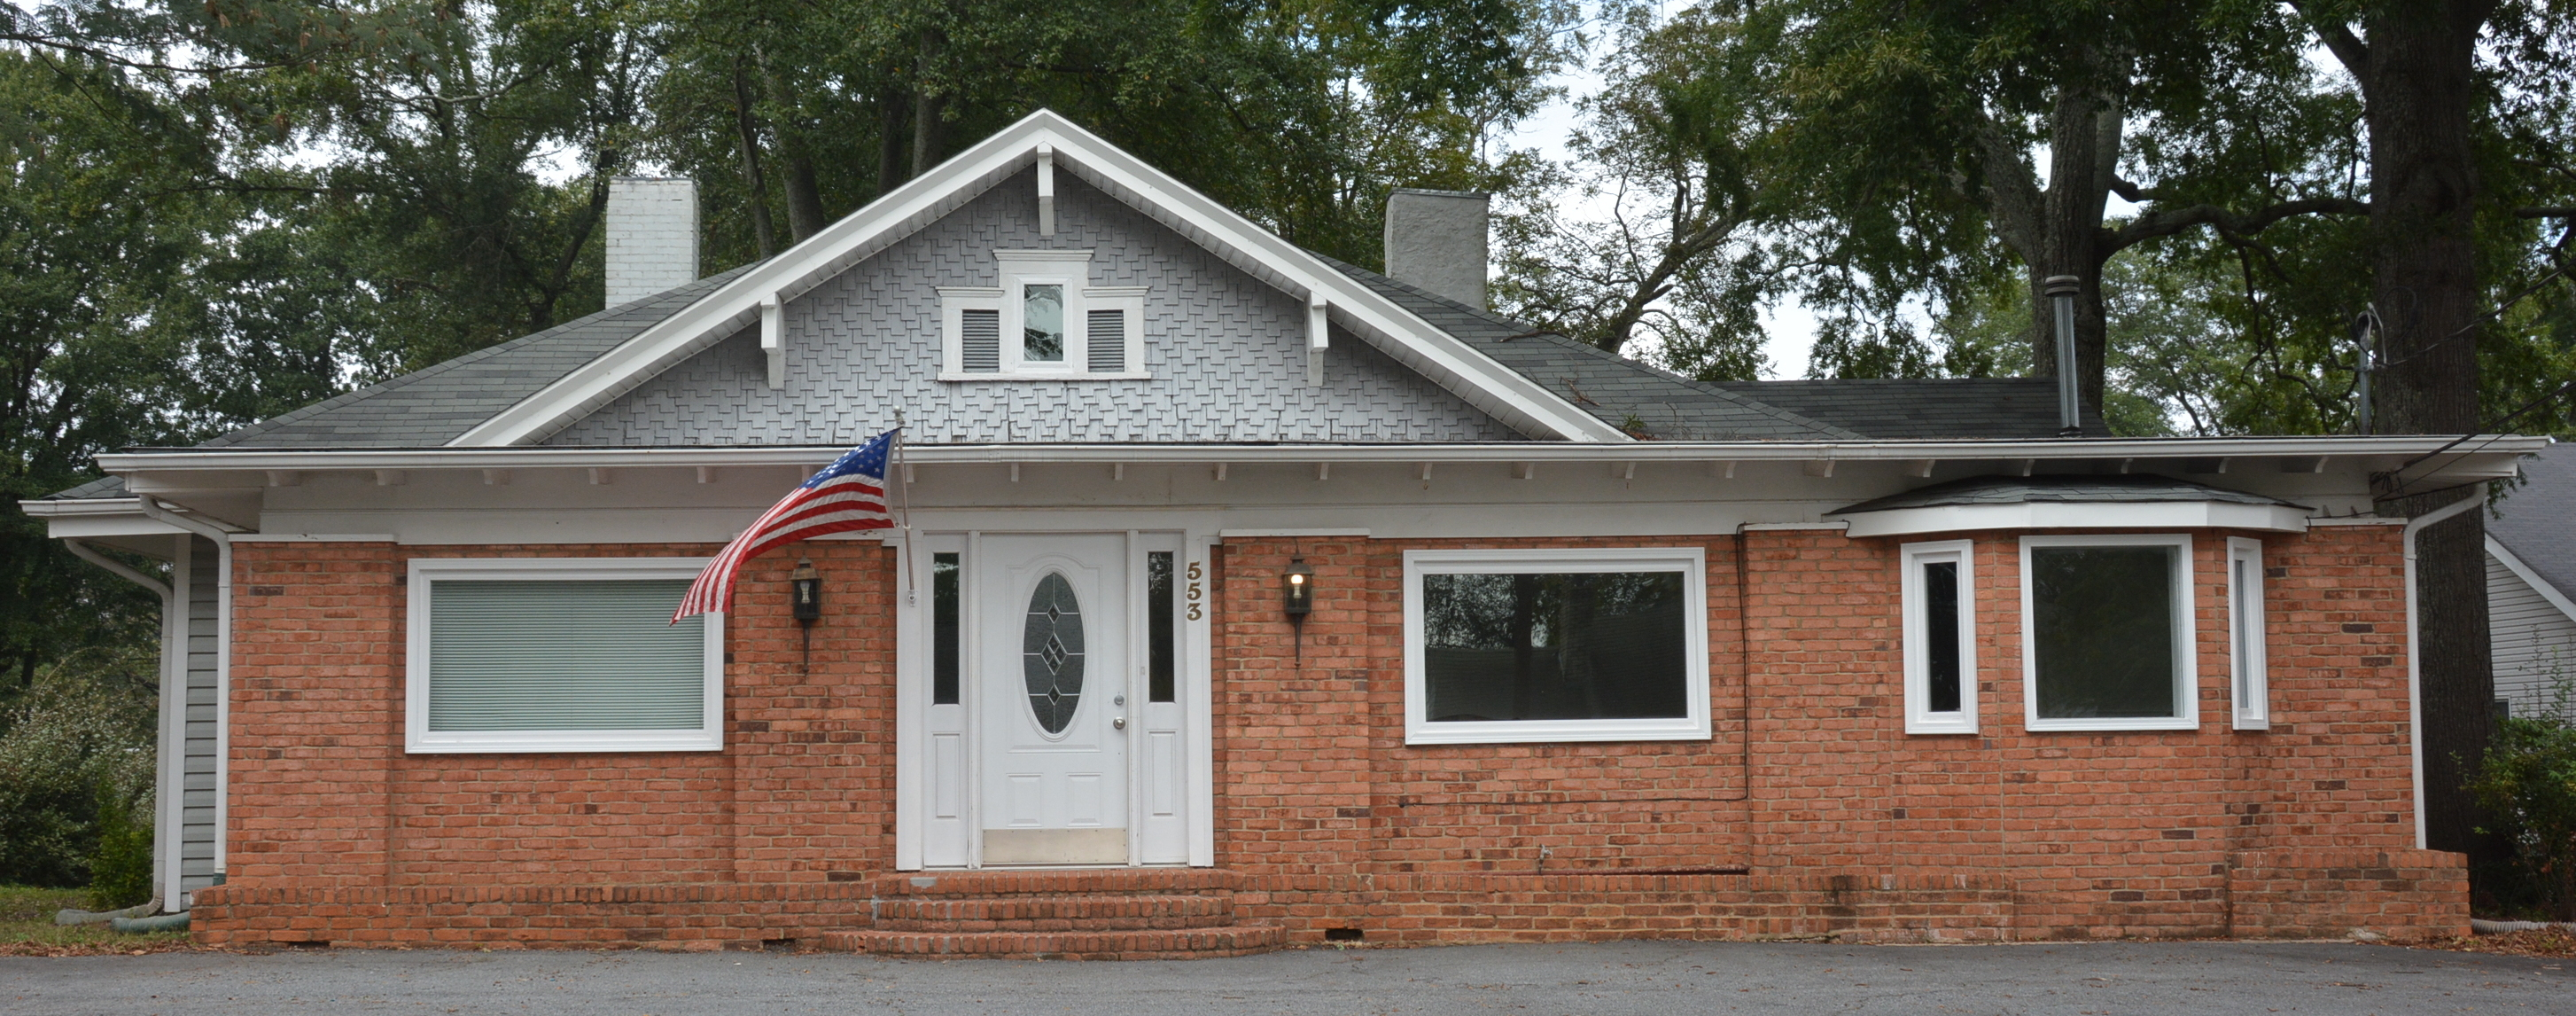 553 Waterman Street SE, Bldg 100, Marietta, GA 30060